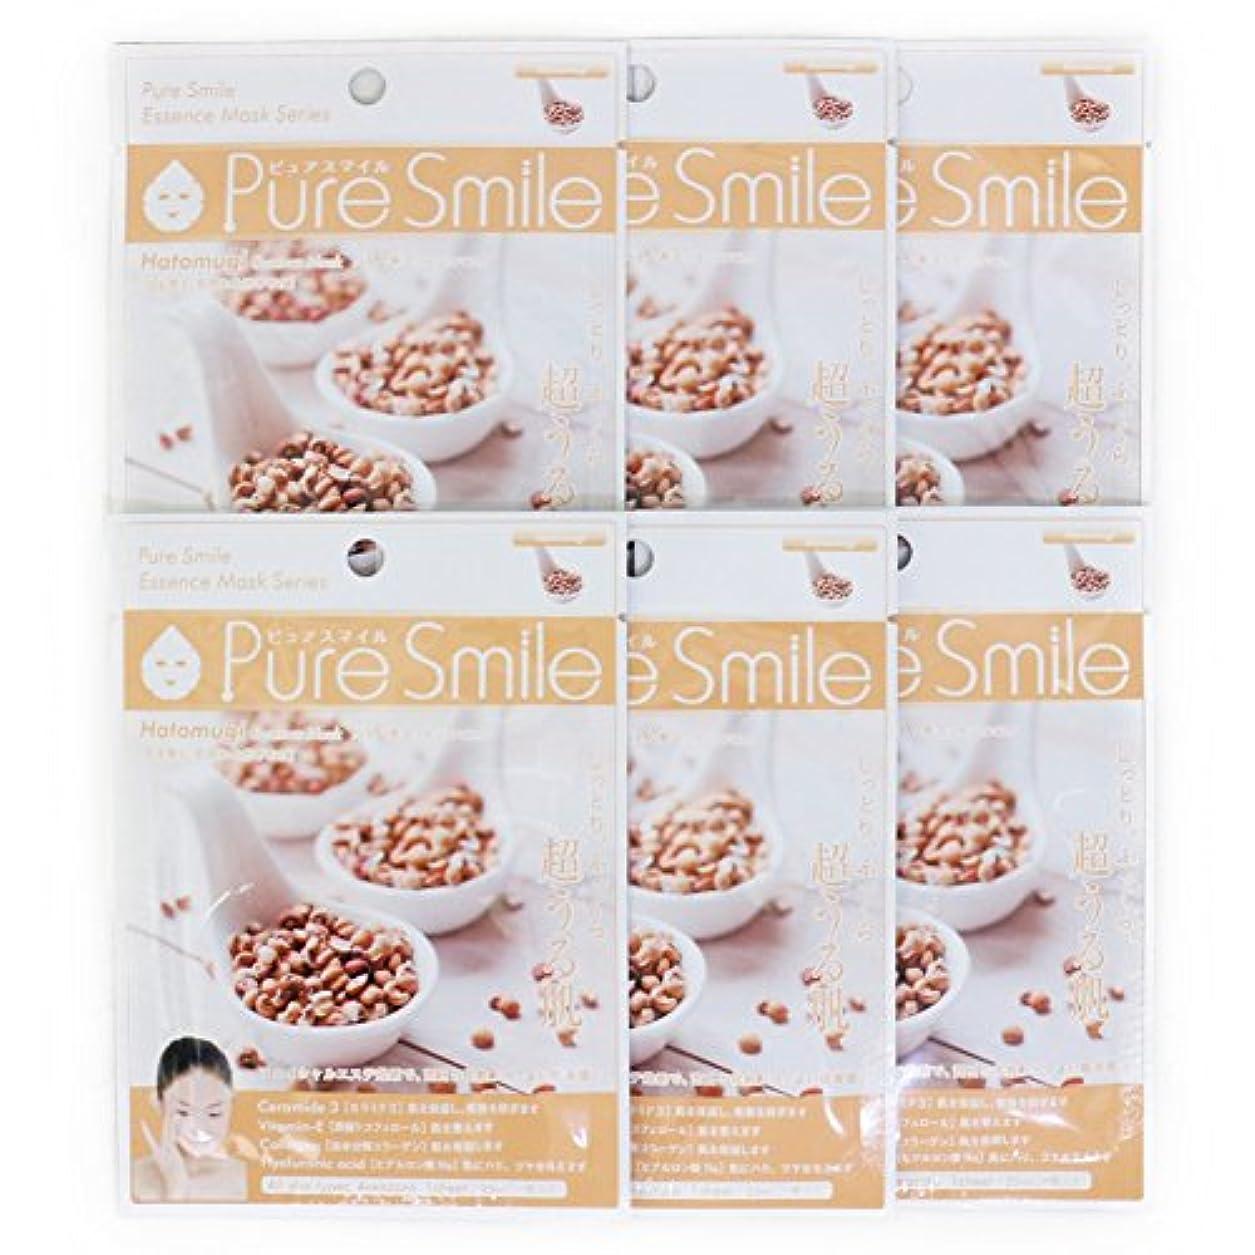 毛皮テラスパラダイスPure Smile ピュアスマイル エッセンスマスク ハトムギ 6枚セット